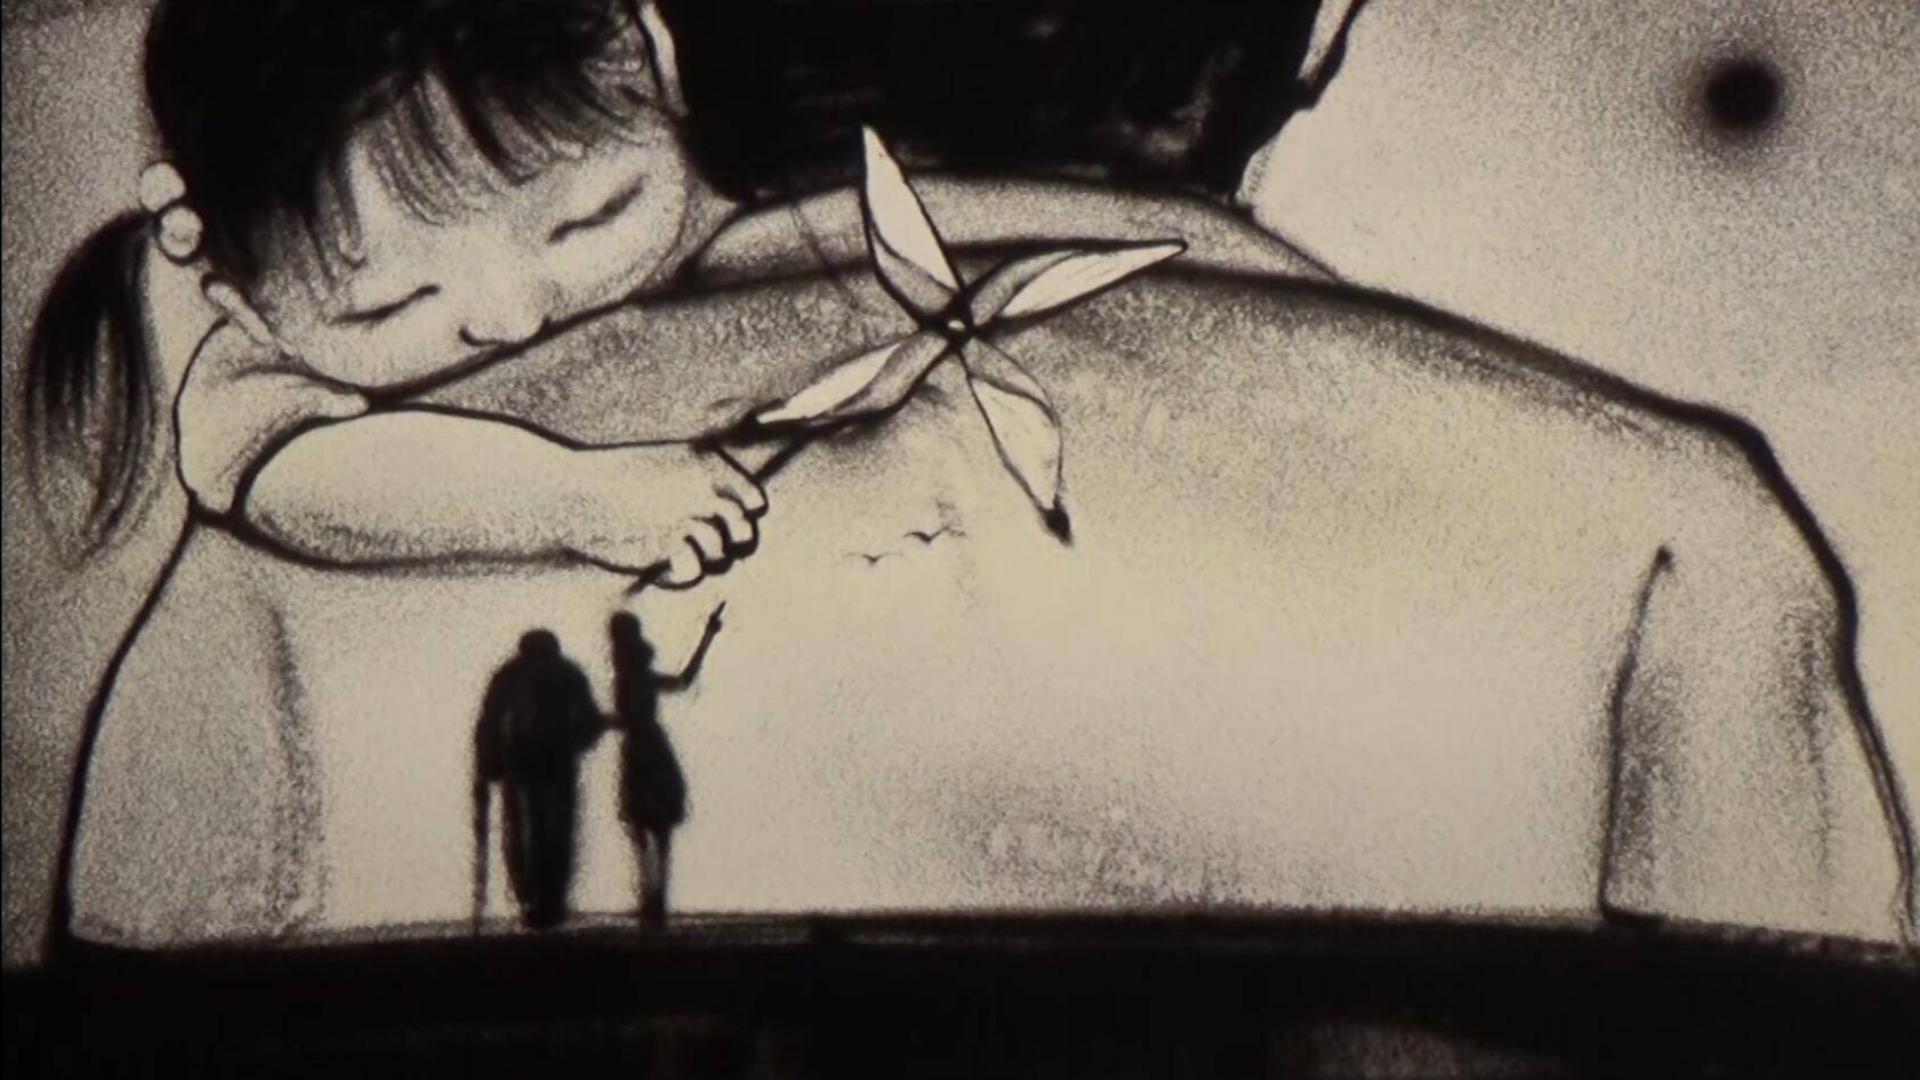 许飞深情的《父亲写的散文诗》,背景沙画太走心,含着泪看完!